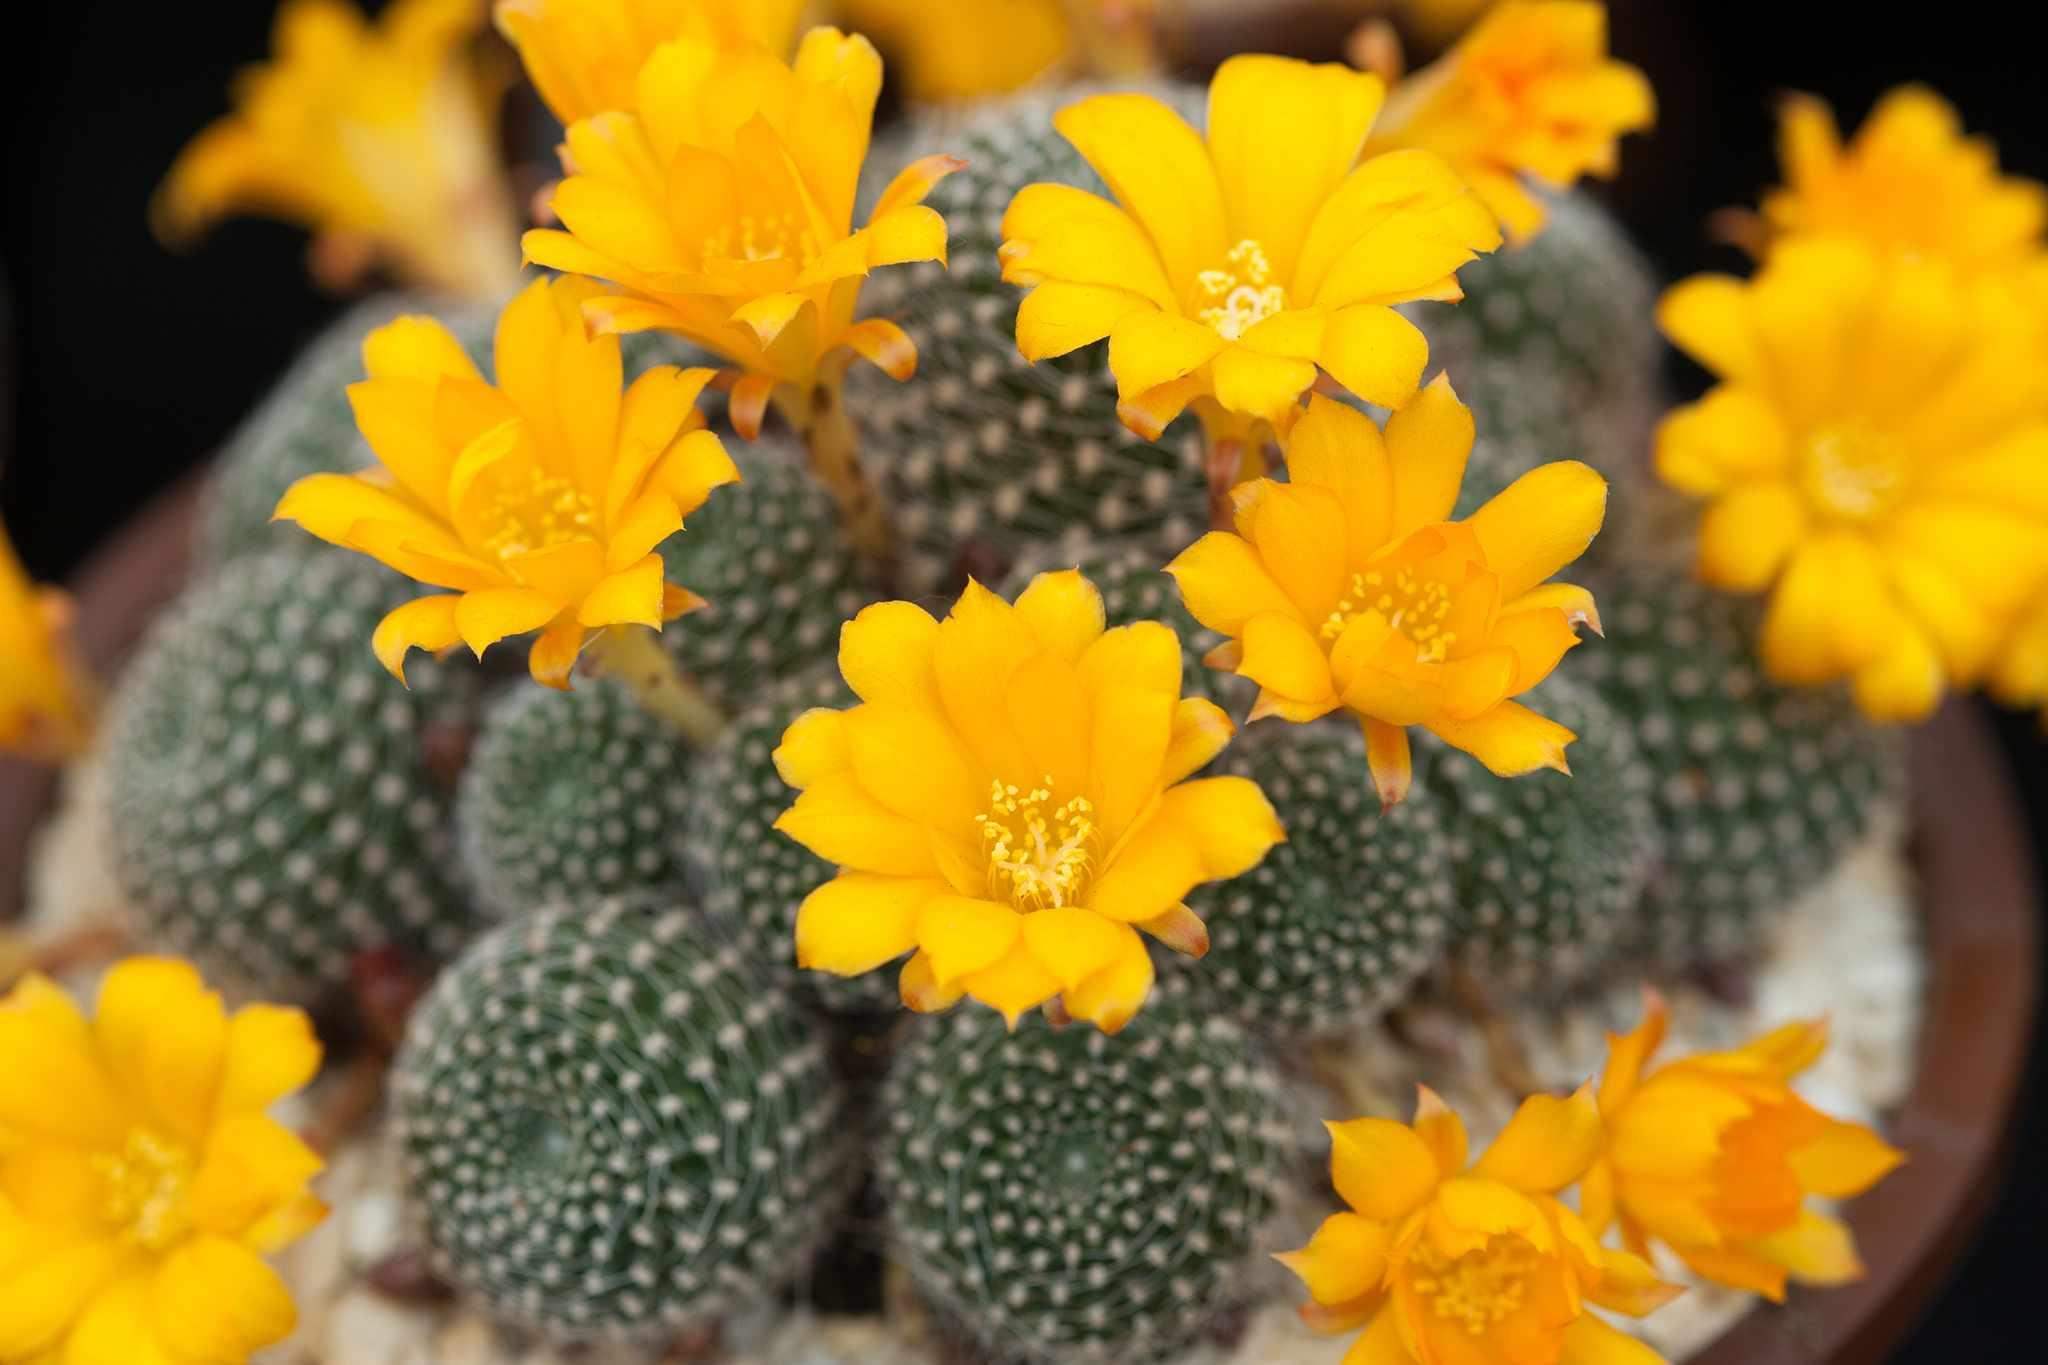 Rebutia krainziana (yellow form)